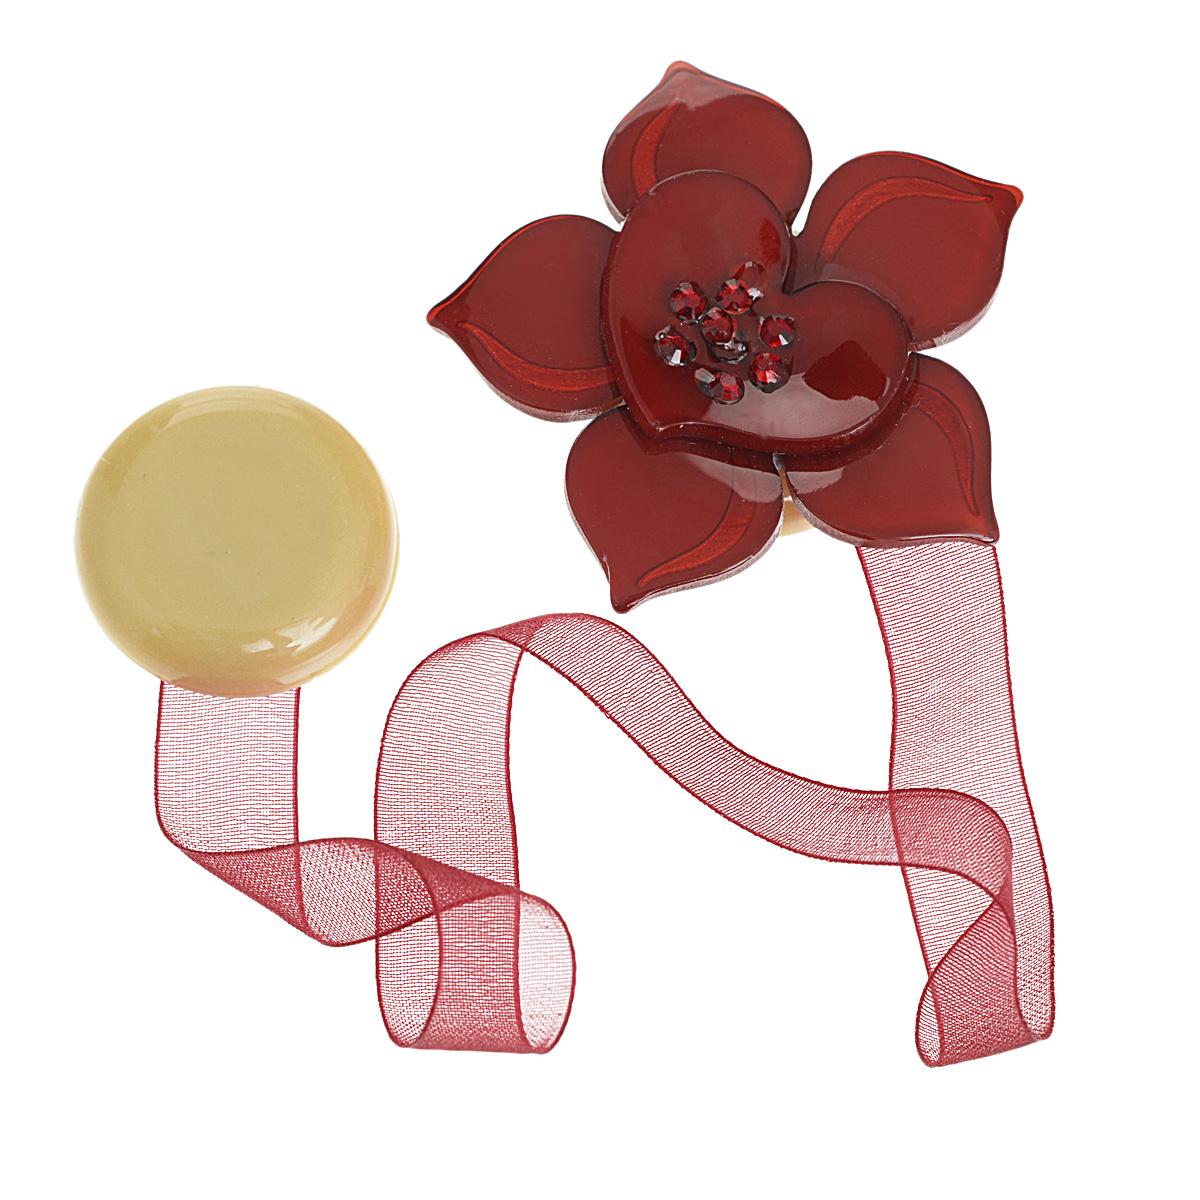 Клипса-магнит для штор Calamita Fiore, цвет: бордовый. 7704006_5777704006_577Клипса-магнит Calamita Fiore, изготовленная из пластика и текстиля, предназначена для придания формы шторам. Изделие представляет собой два магнита, расположенные на разных концах текстильной ленты. Один из магнитов оформлен декоративным цветком и украшен стразами. С помощью такой магнитной клипсы можно зафиксировать портьеры, придать им требуемое положение, сделать складки симметричными или приблизить портьеры, скрепить их. Клипсы для штор являются универсальным изделием, которое превосходно подойдет как для штор в детской комнате, так и для штор в гостиной. Следует отметить, что клипсы для штор выполняют не только практическую функцию, но также являются одной из основных деталей декора этого изделия, которая придает шторам восхитительный, стильный внешний вид. Материал: пластик, полиэстер, магнит. Диаметр декоративного цветка: 5 см. Диаметр магнита: 2,5 см. Длина ленты: 28 см.